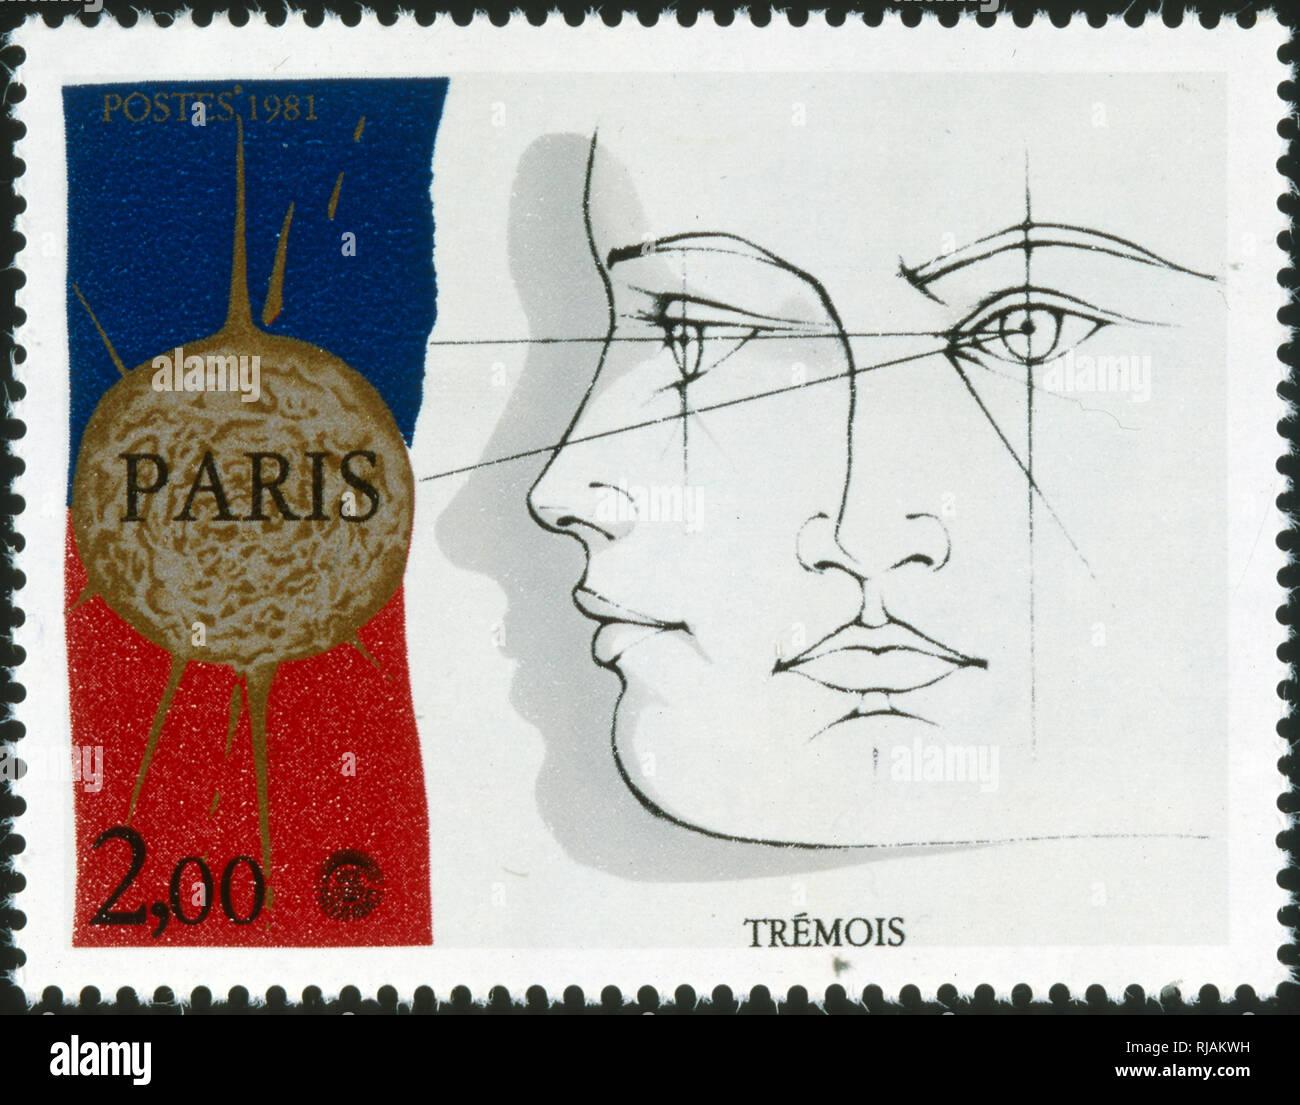 Estampilla conmemorando francés Pierre-Yves Tremois (nacido el 8 de enero de 1921 en París), un artista visual y escultor francés. Él es conocido por sugestivas obras dibujo en iguales proporciones en el surrealismo y ciencia ilustración Foto de stock